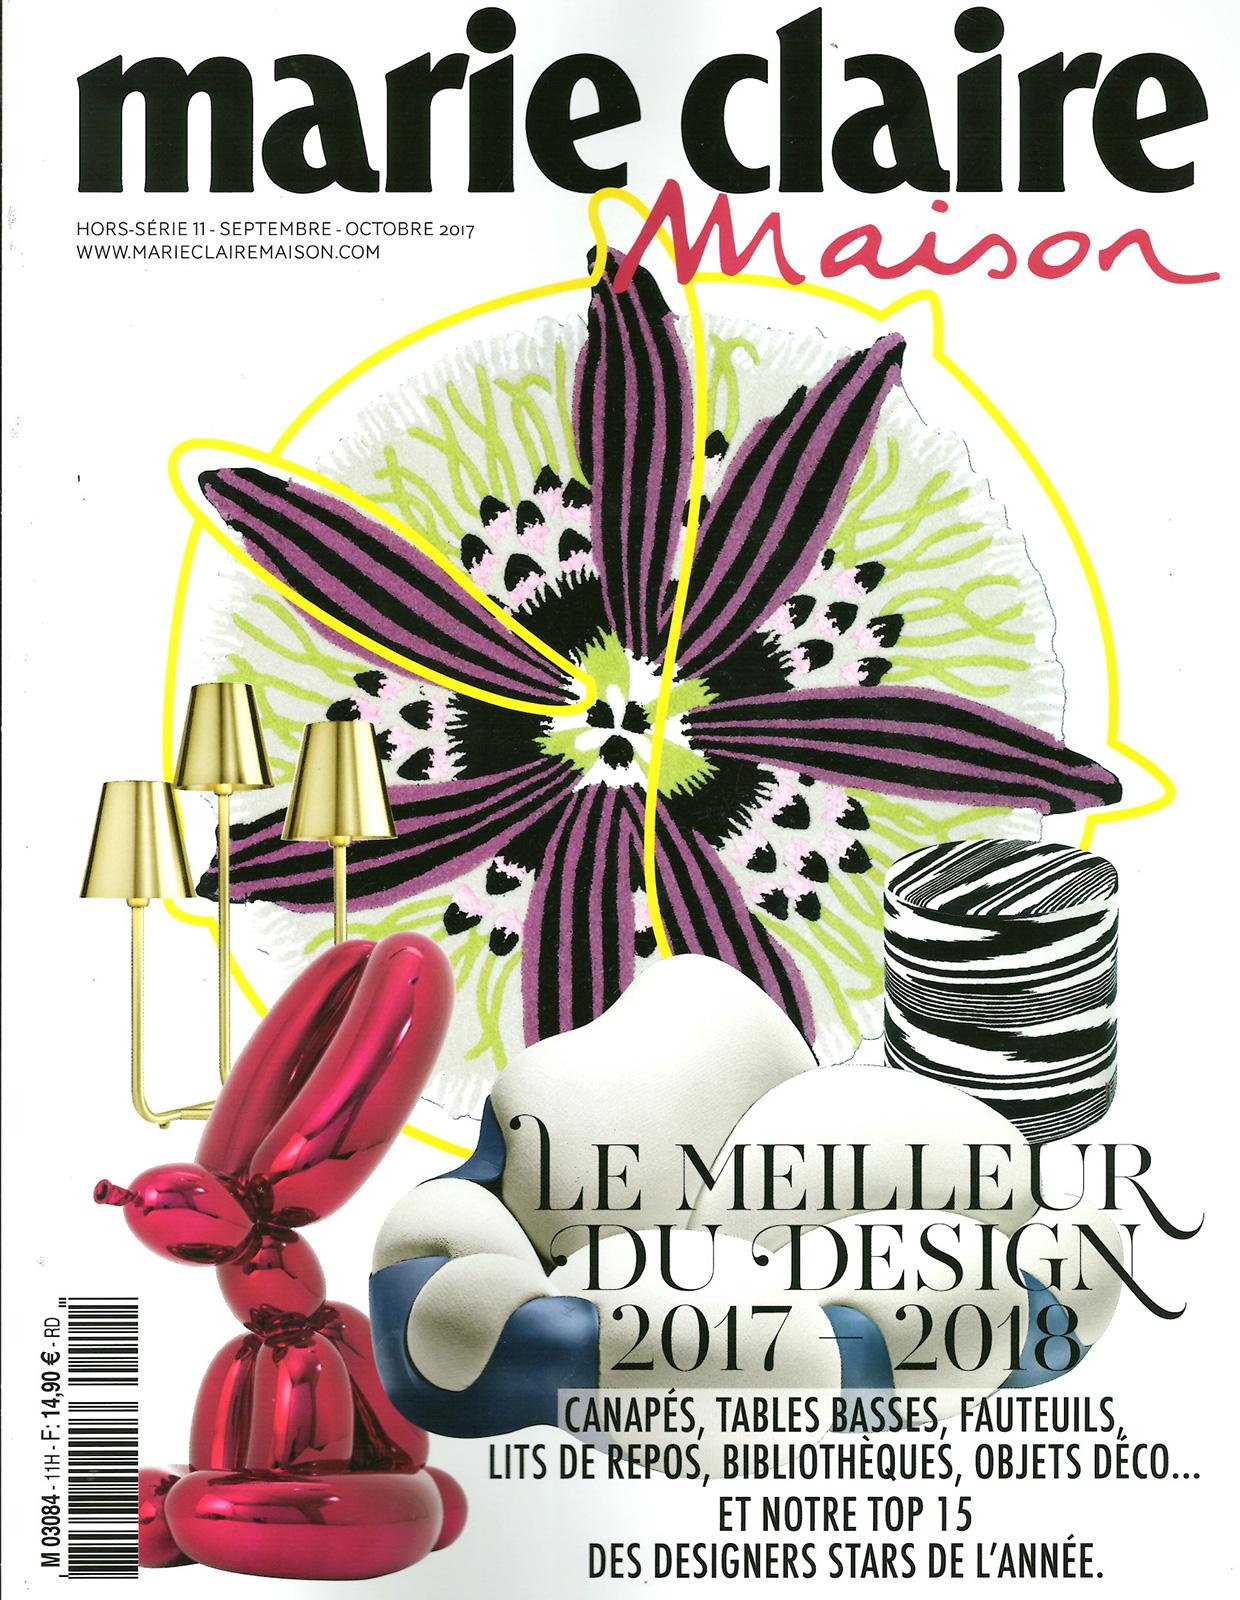 Marie Claire Maison - Hors Série Septembre Octobre 2017